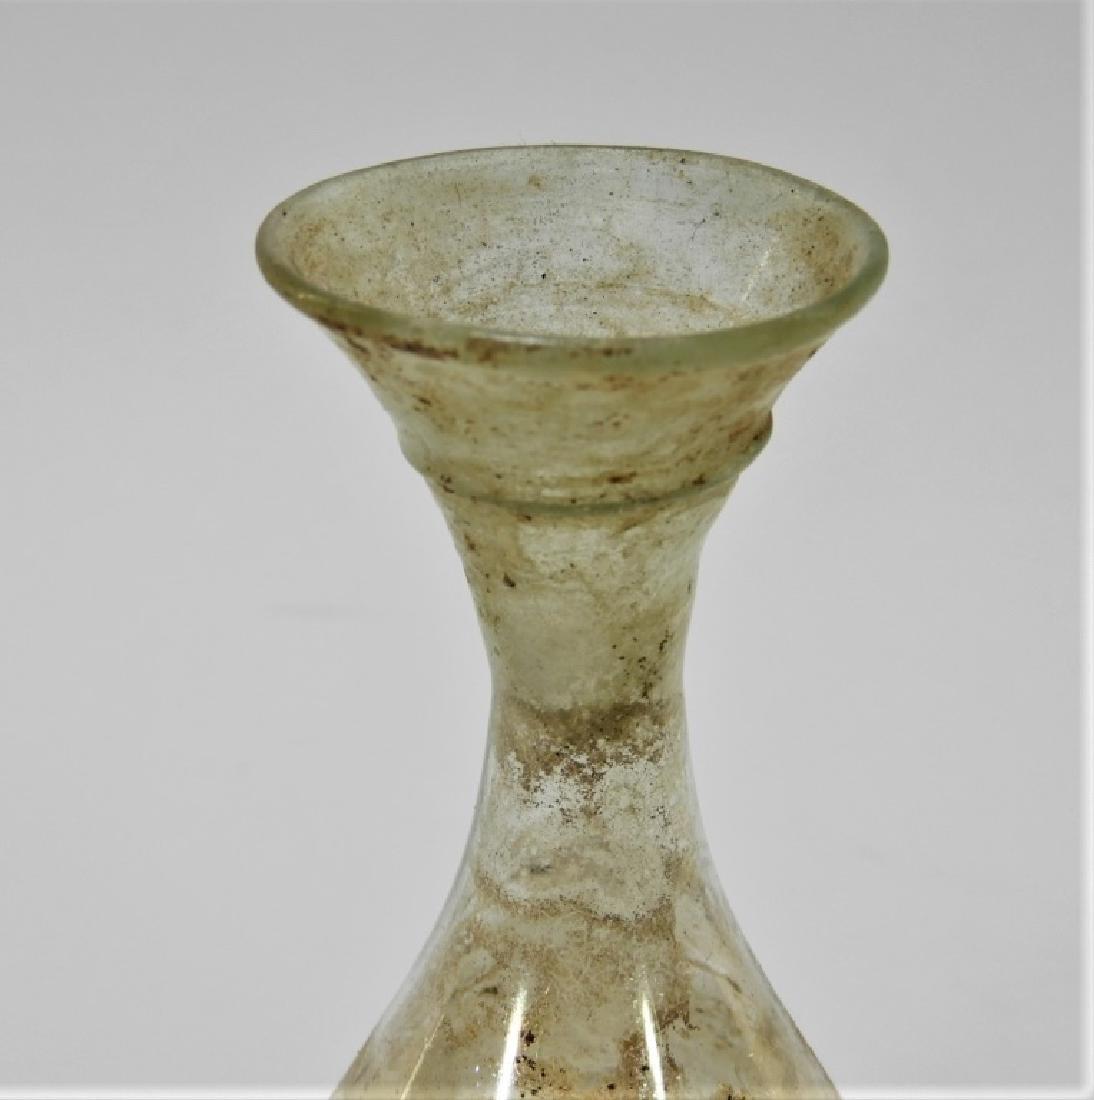 FINE Roman Iridescent Applied Thread Glass Vase - 2